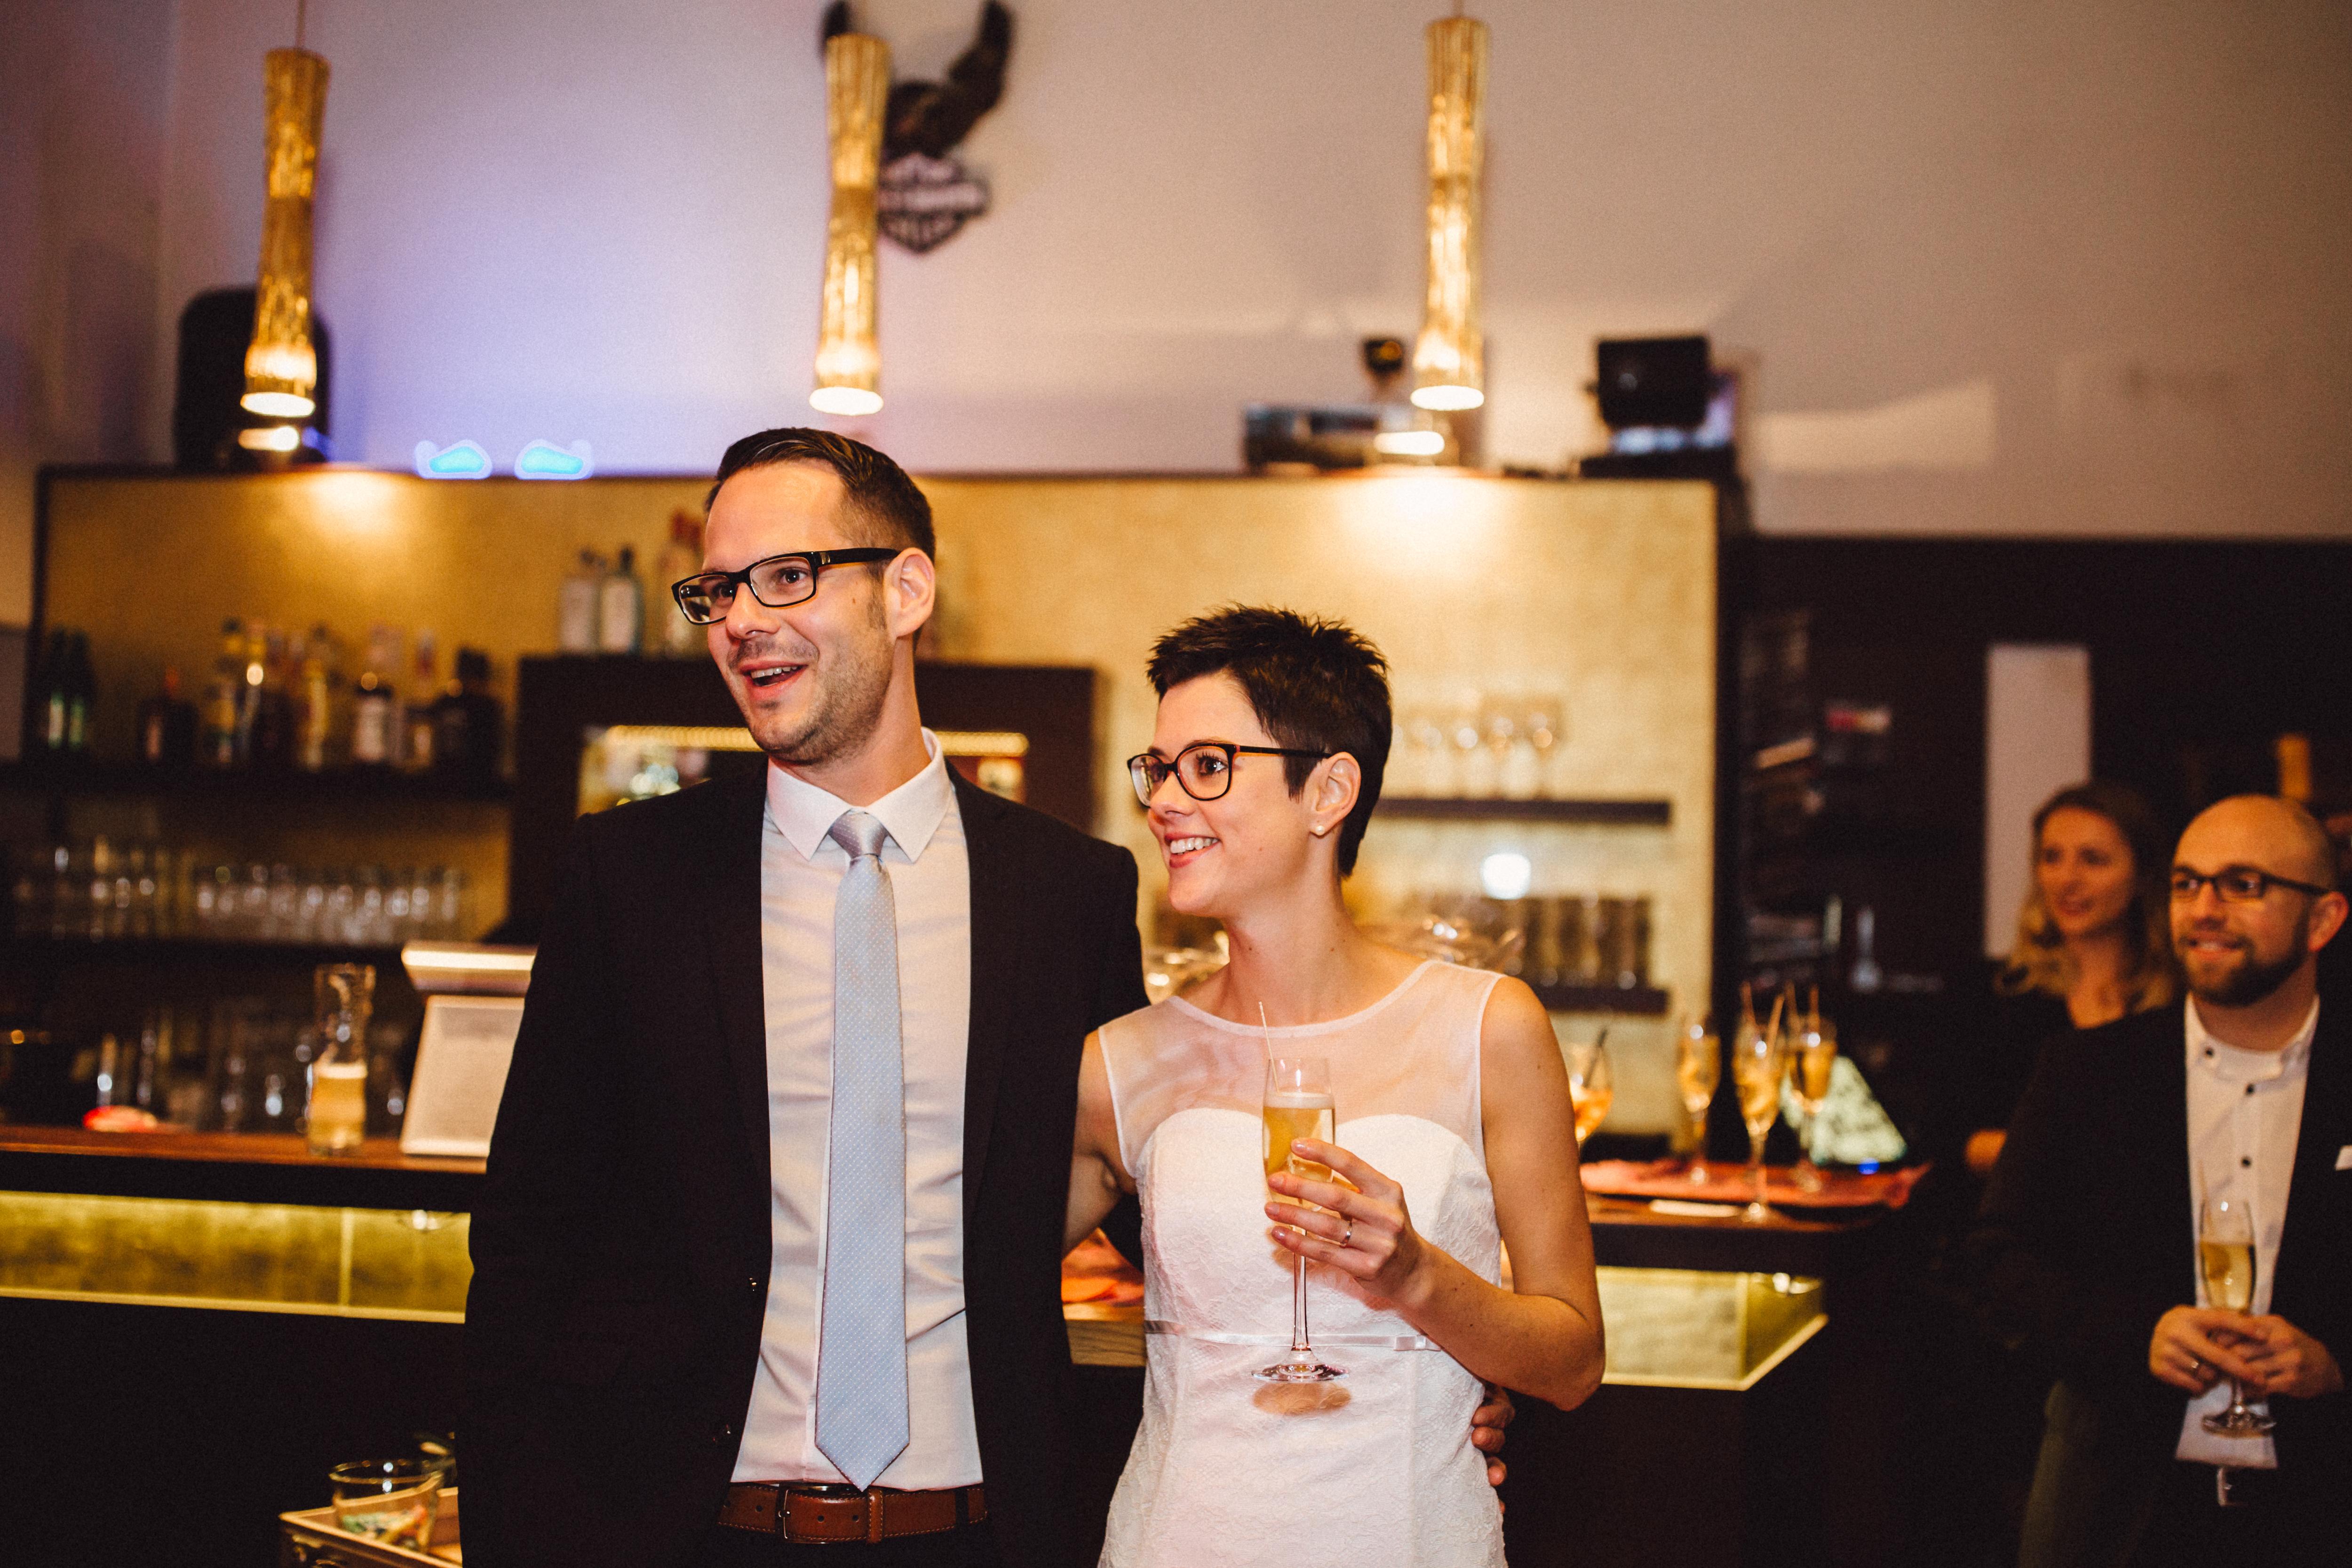 URBANERIE_Daniela_Goth_Hochzeitsfotografin_Nürnberg_Fürth_Erlangen_Schwabach_171028_0261